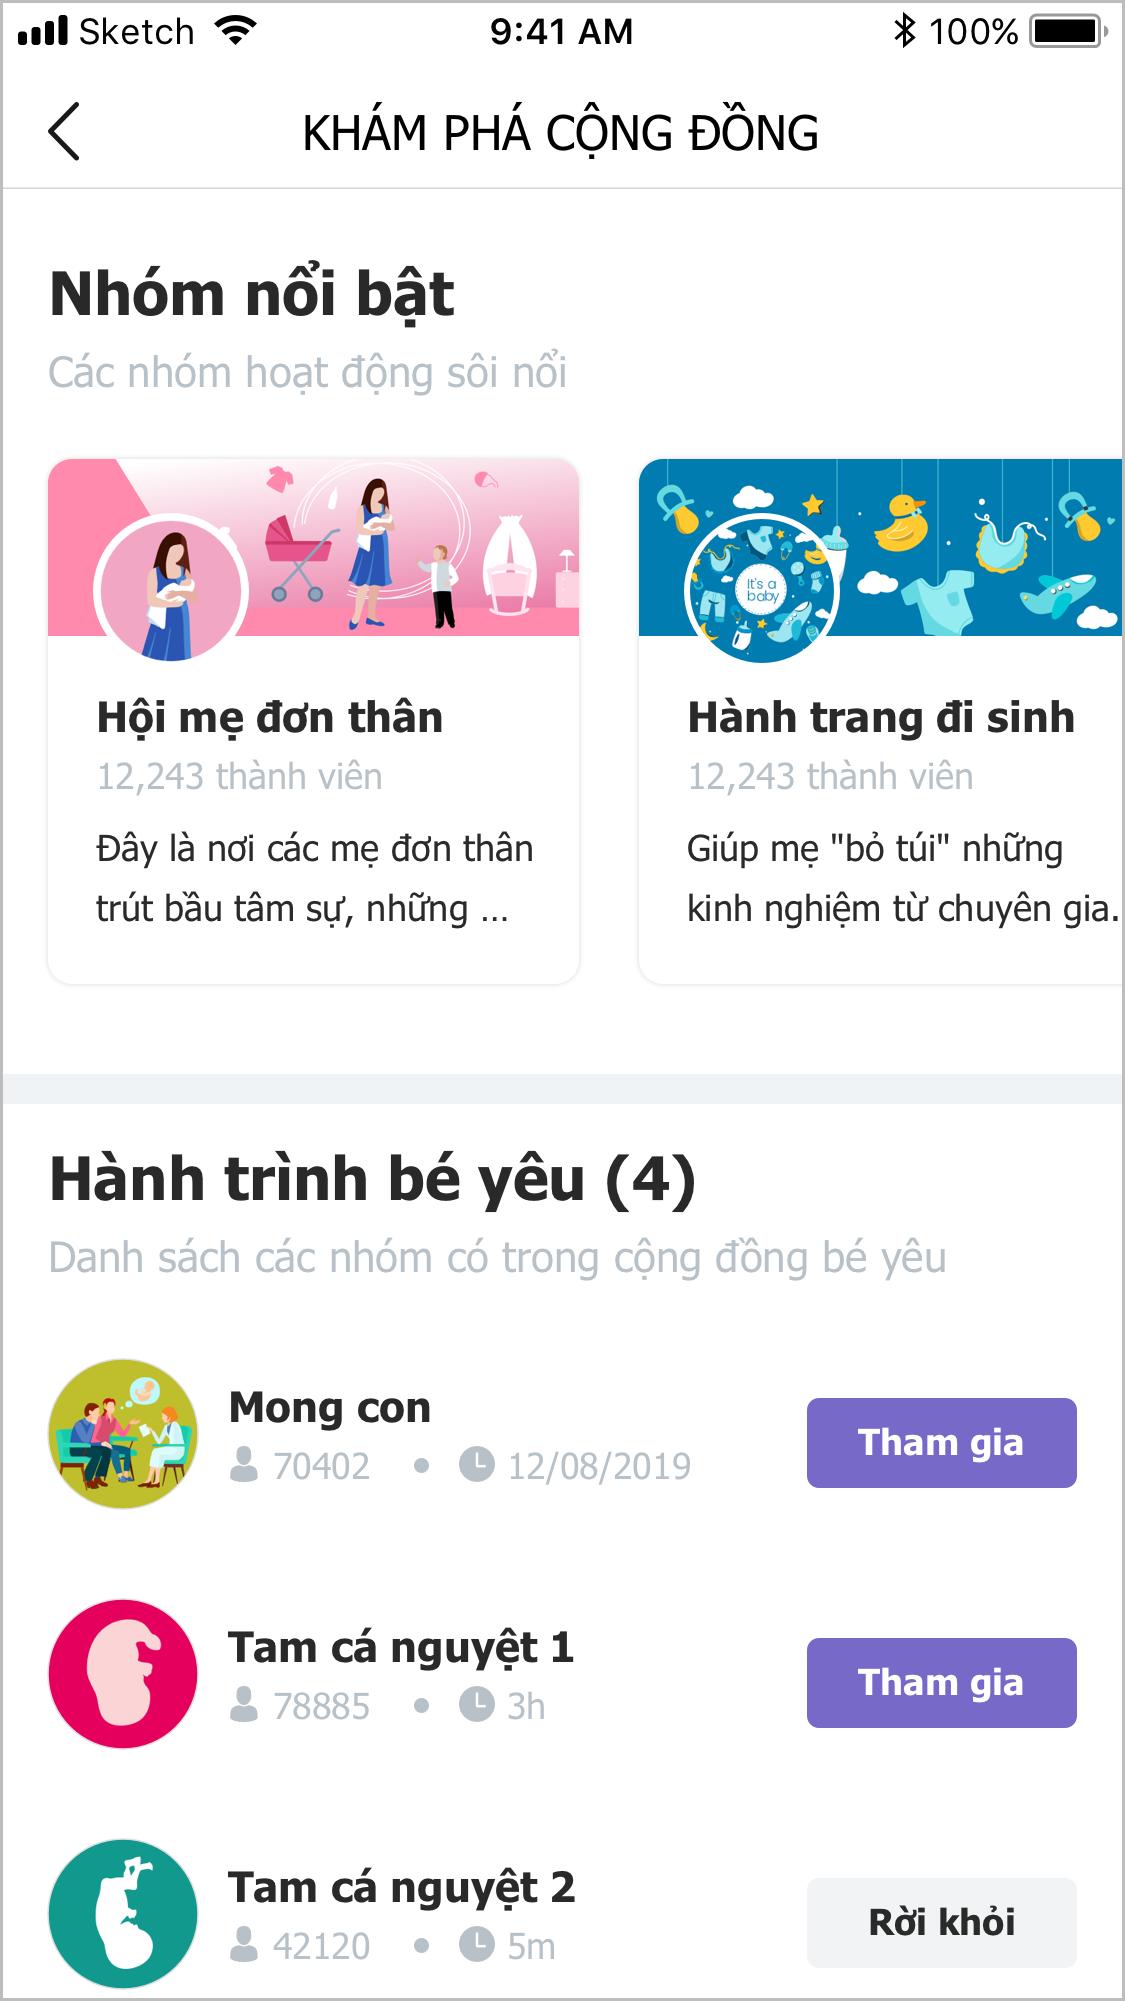 me-da-san-sang-trai-nghiem-tinh-nang-cong-dong-cua-be-yeu-chua